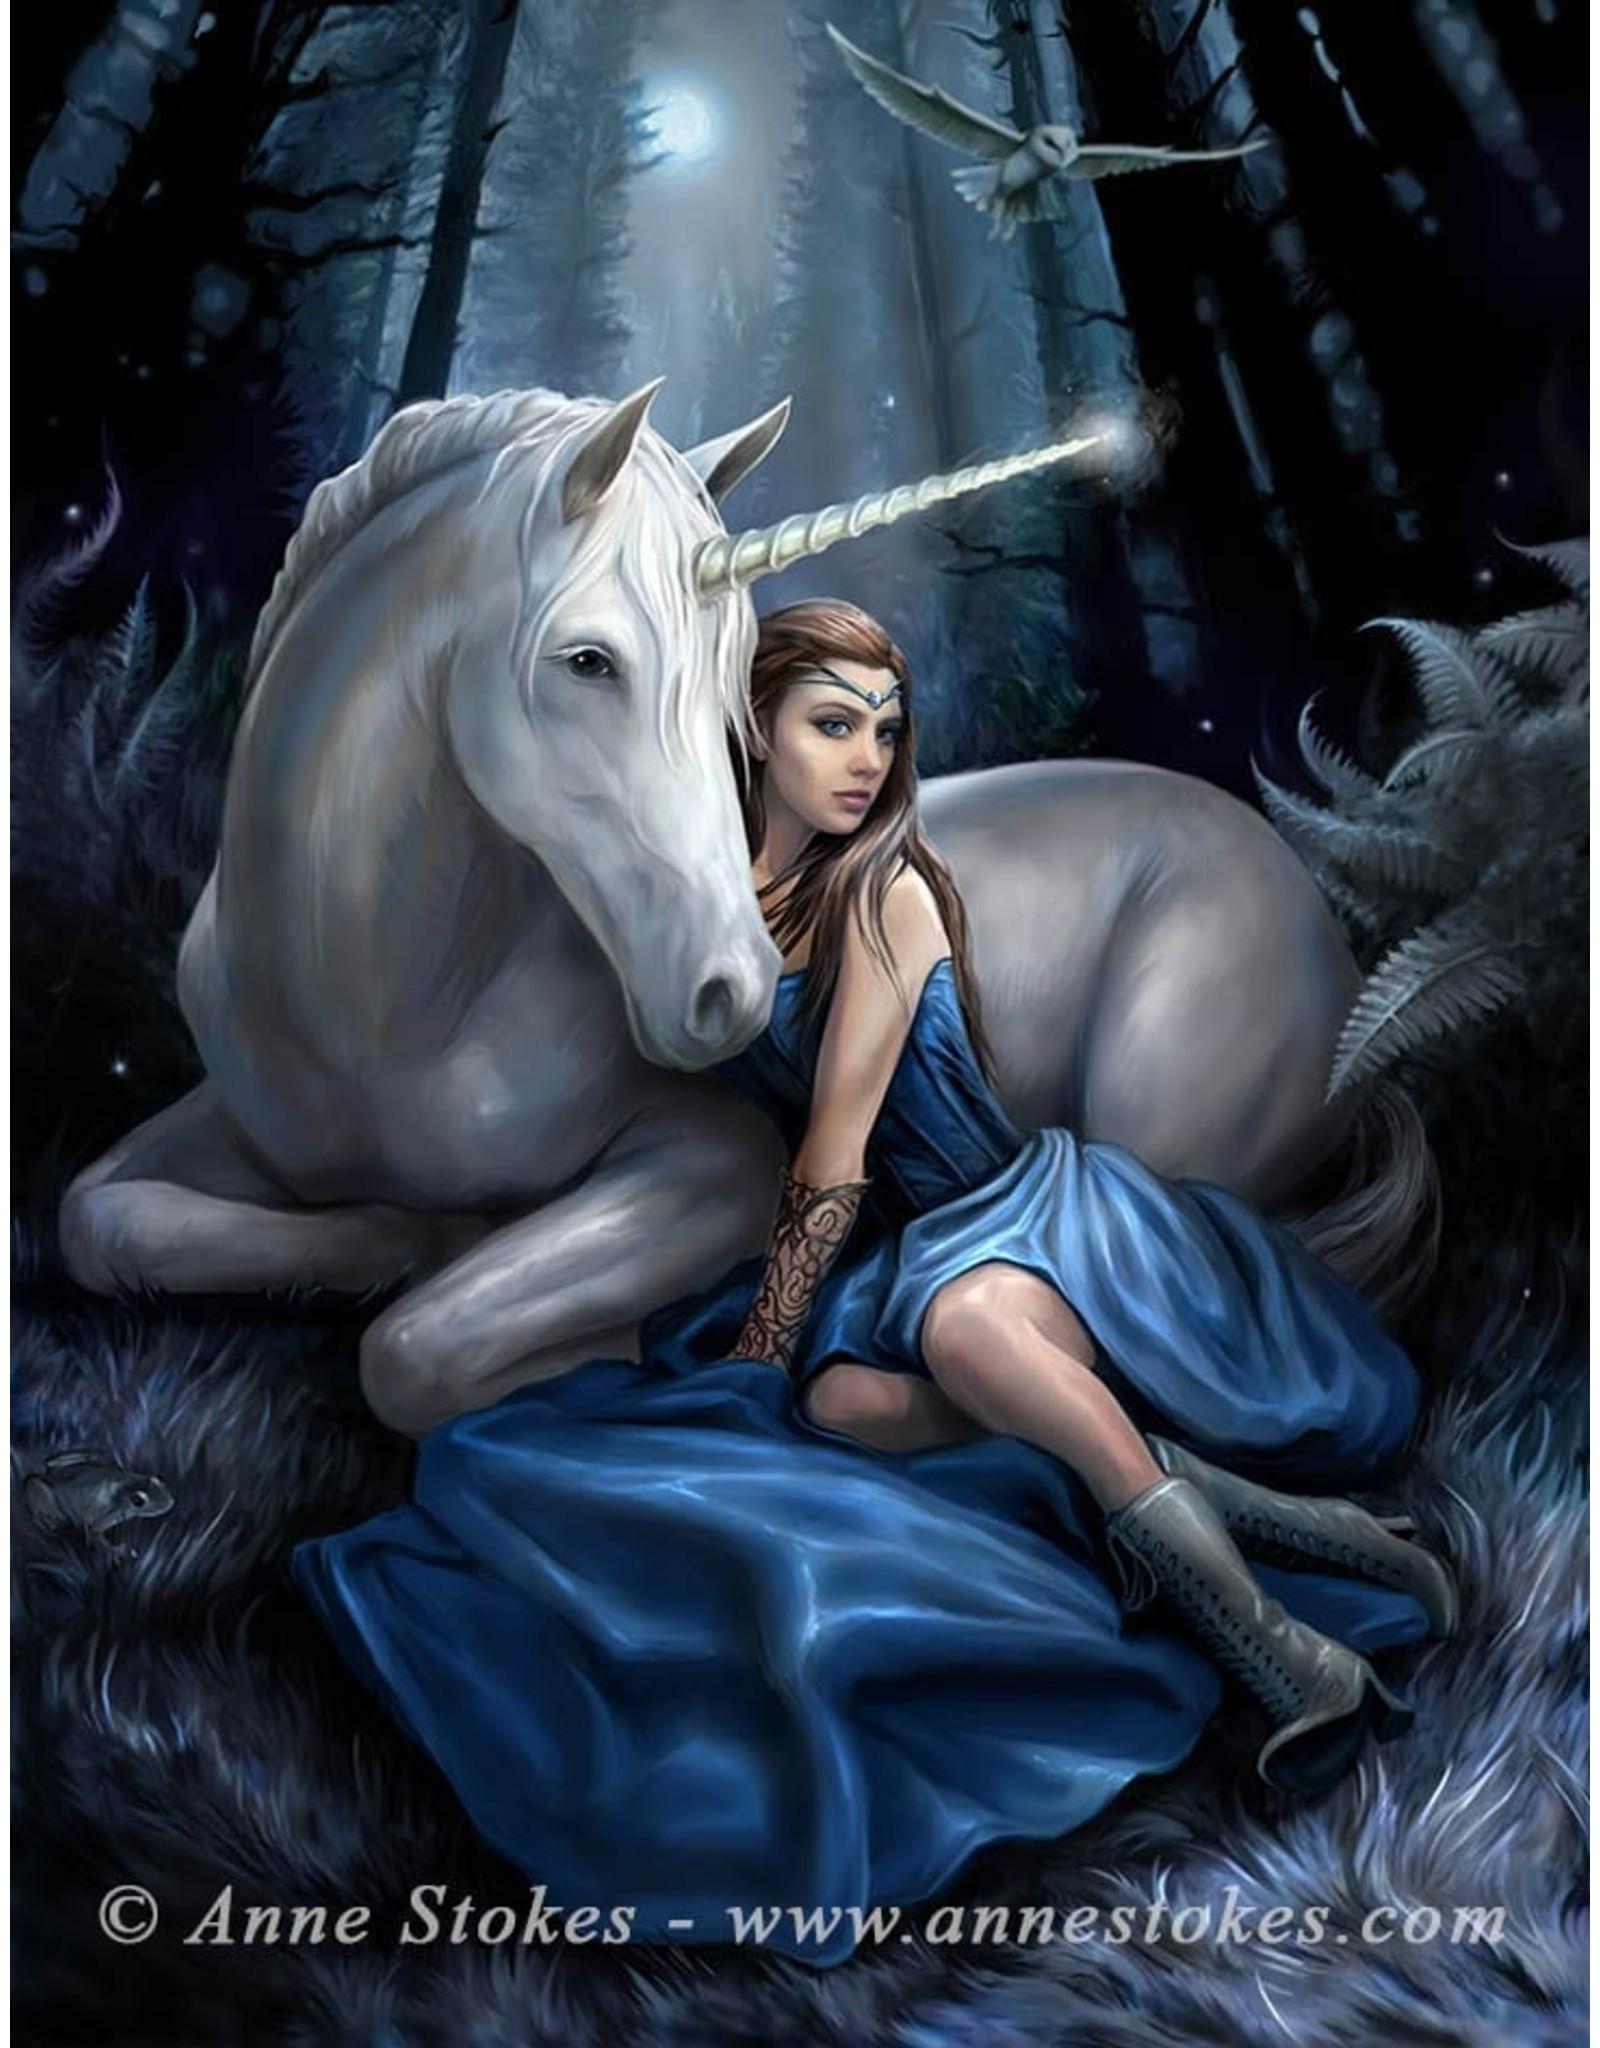 Anne Stokes Fantasy tassen en portemonnees - Anne Stokes 3D portemonnee Blue Moon